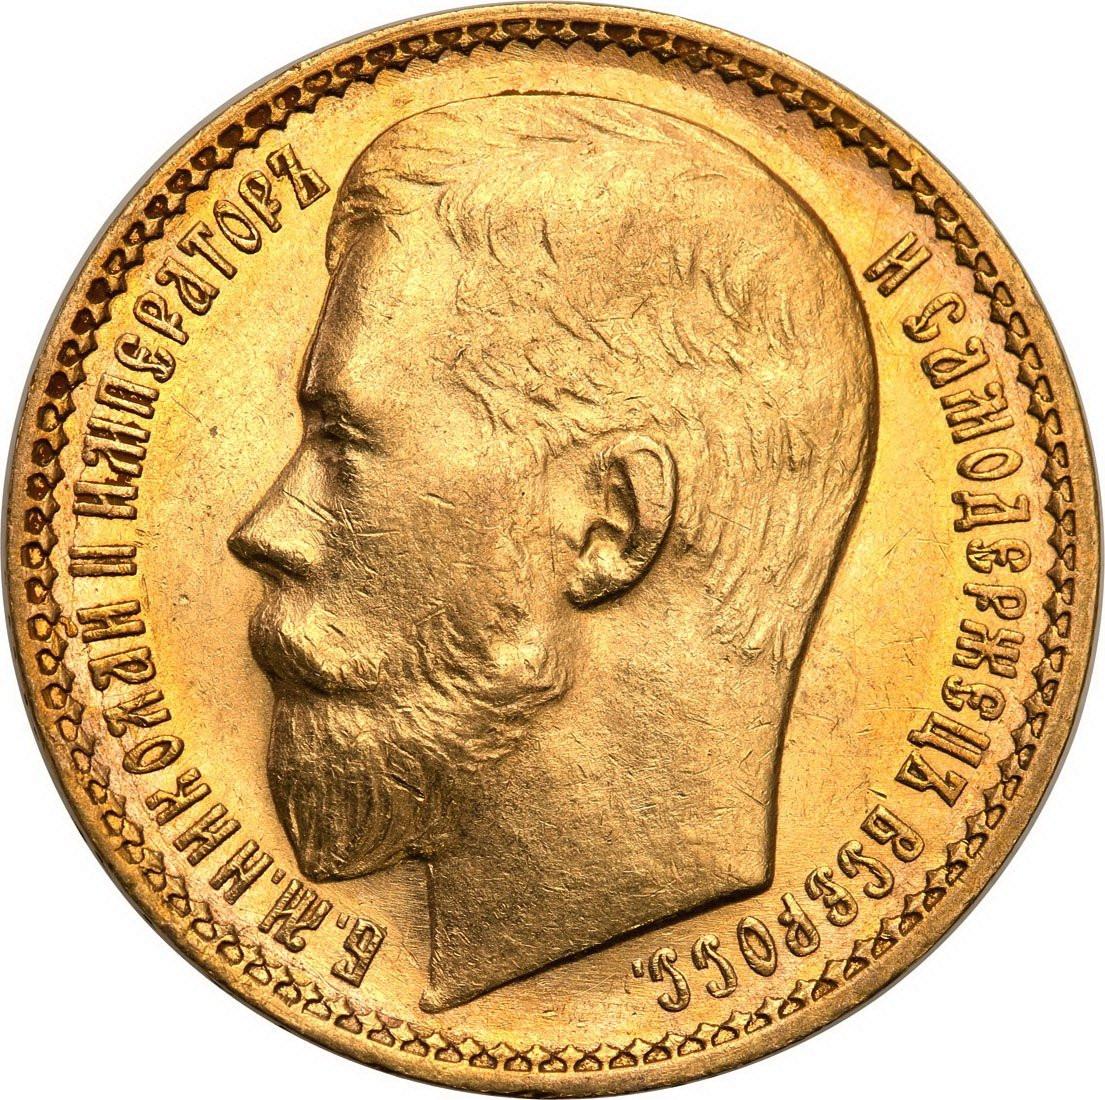 Rosja. Mikołaj II. 15 rubli 1897 СПБ АГ, Petersburg, typ II